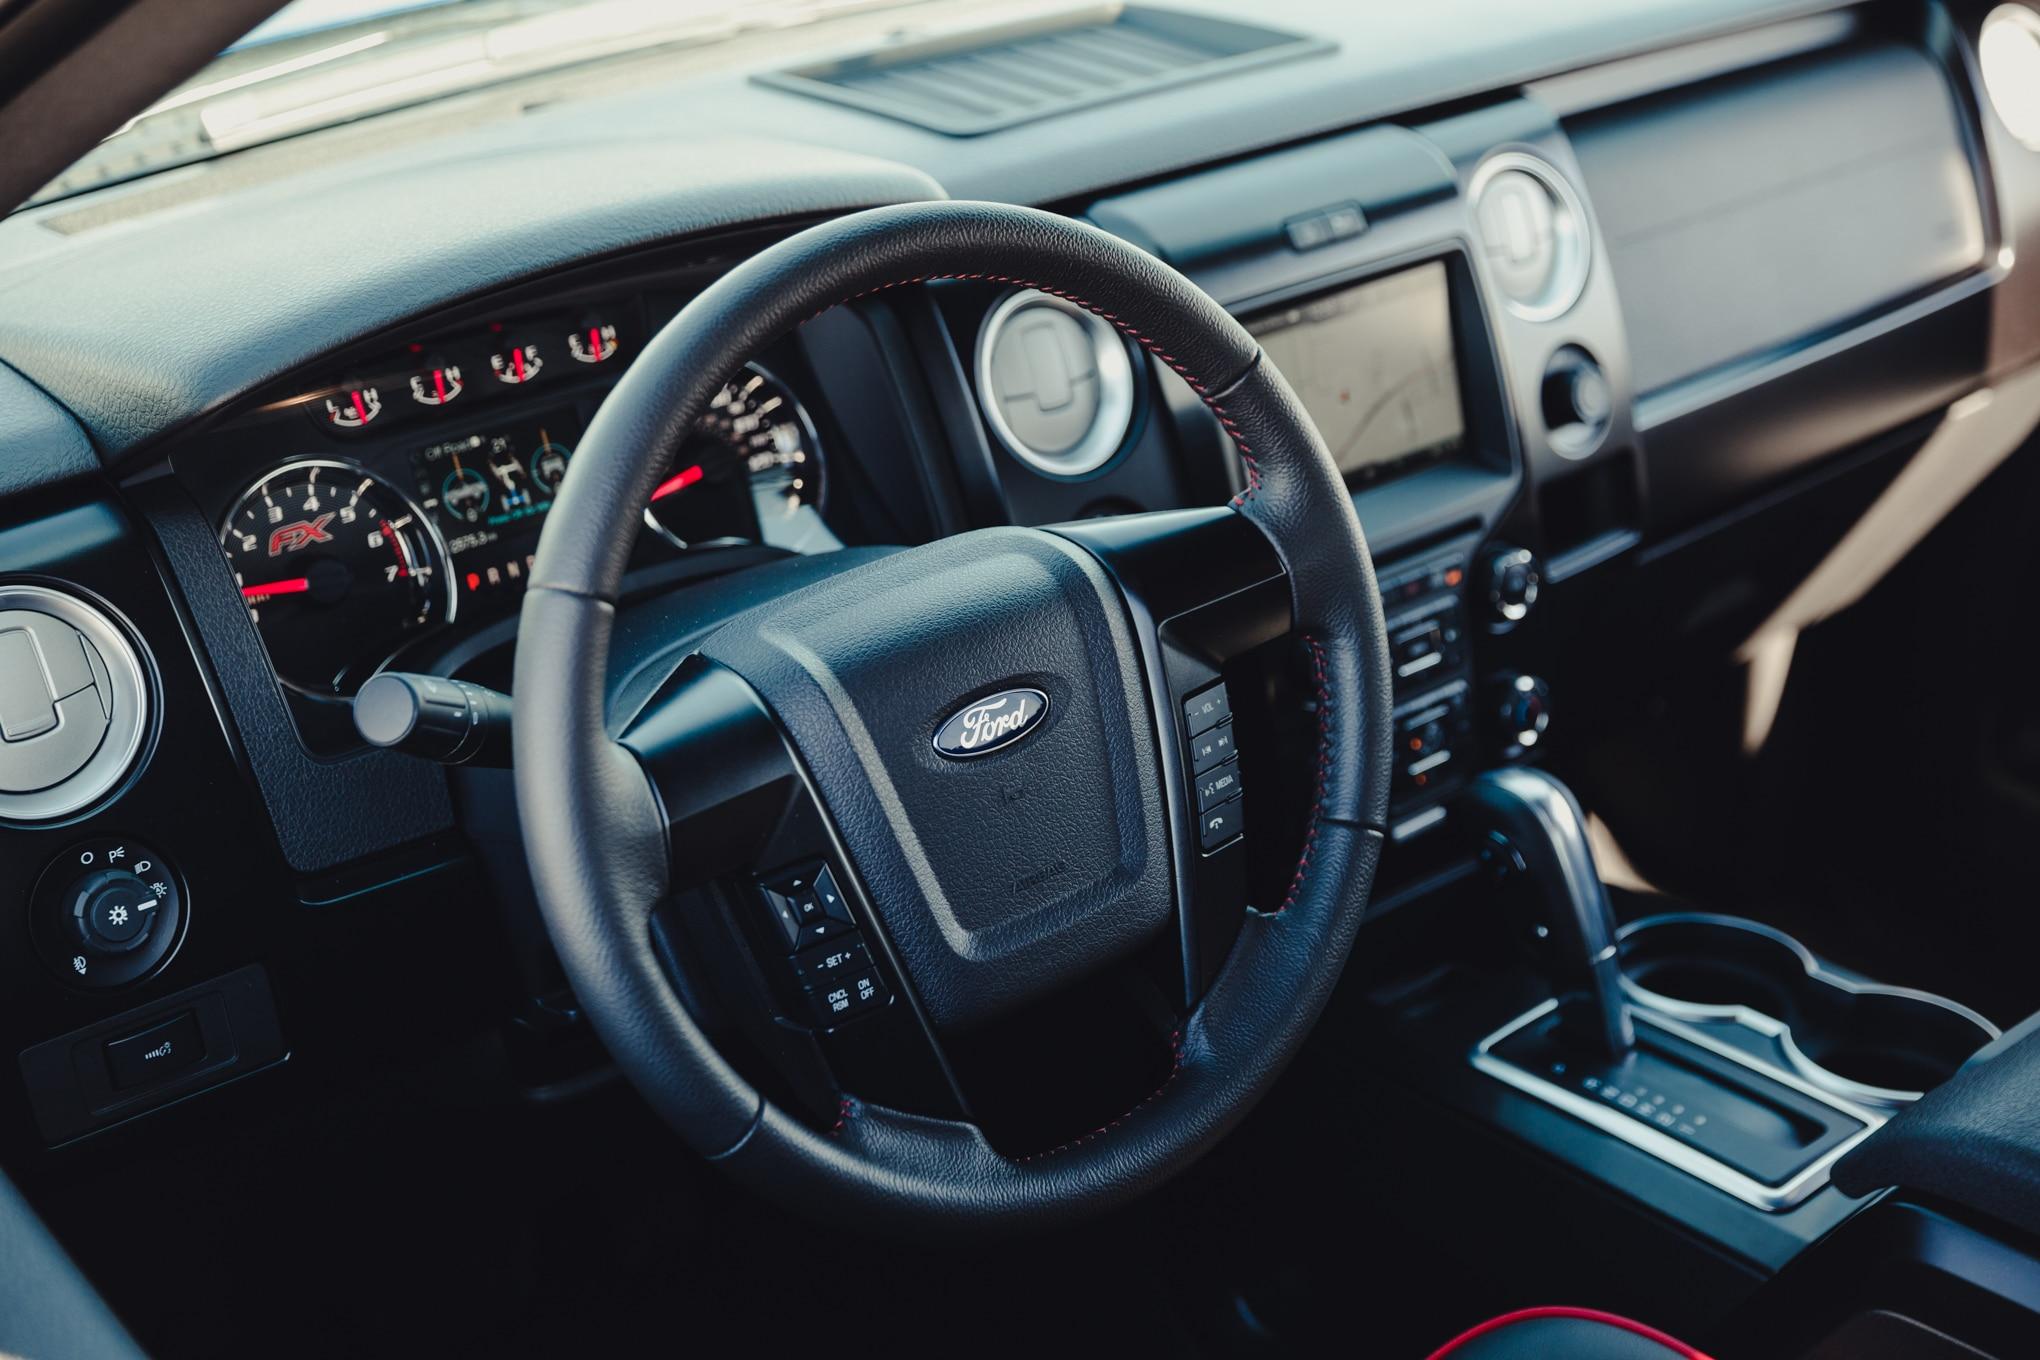 show more - 2014 Ford F150 Fx4 Interior